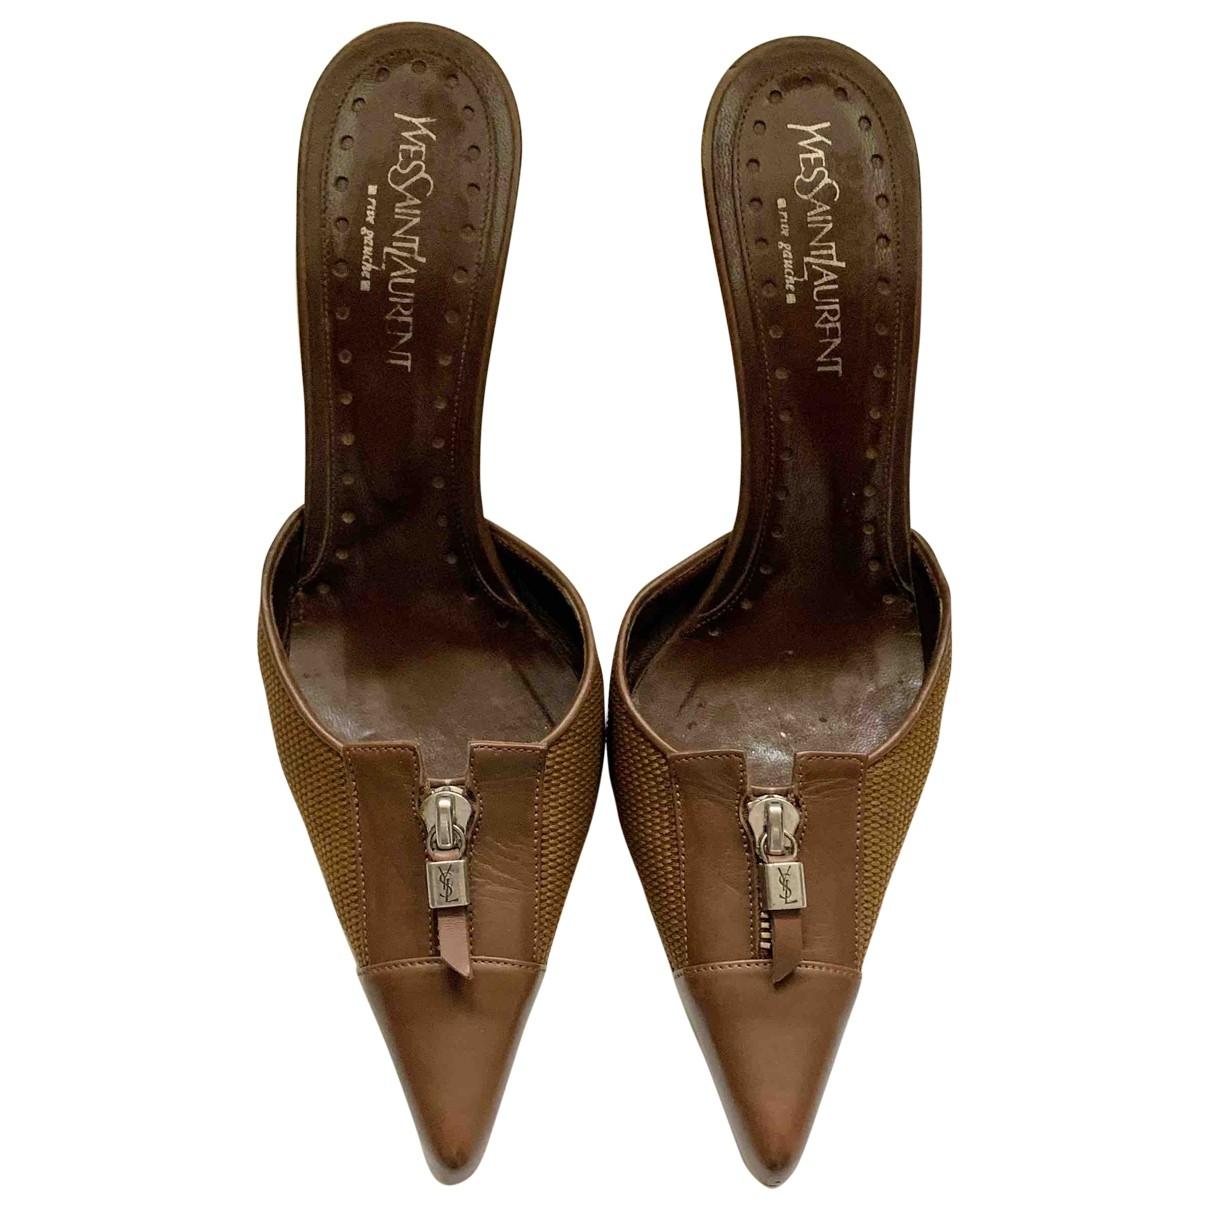 Yves Saint Laurent - Sabots   pour femme en cuir - marron